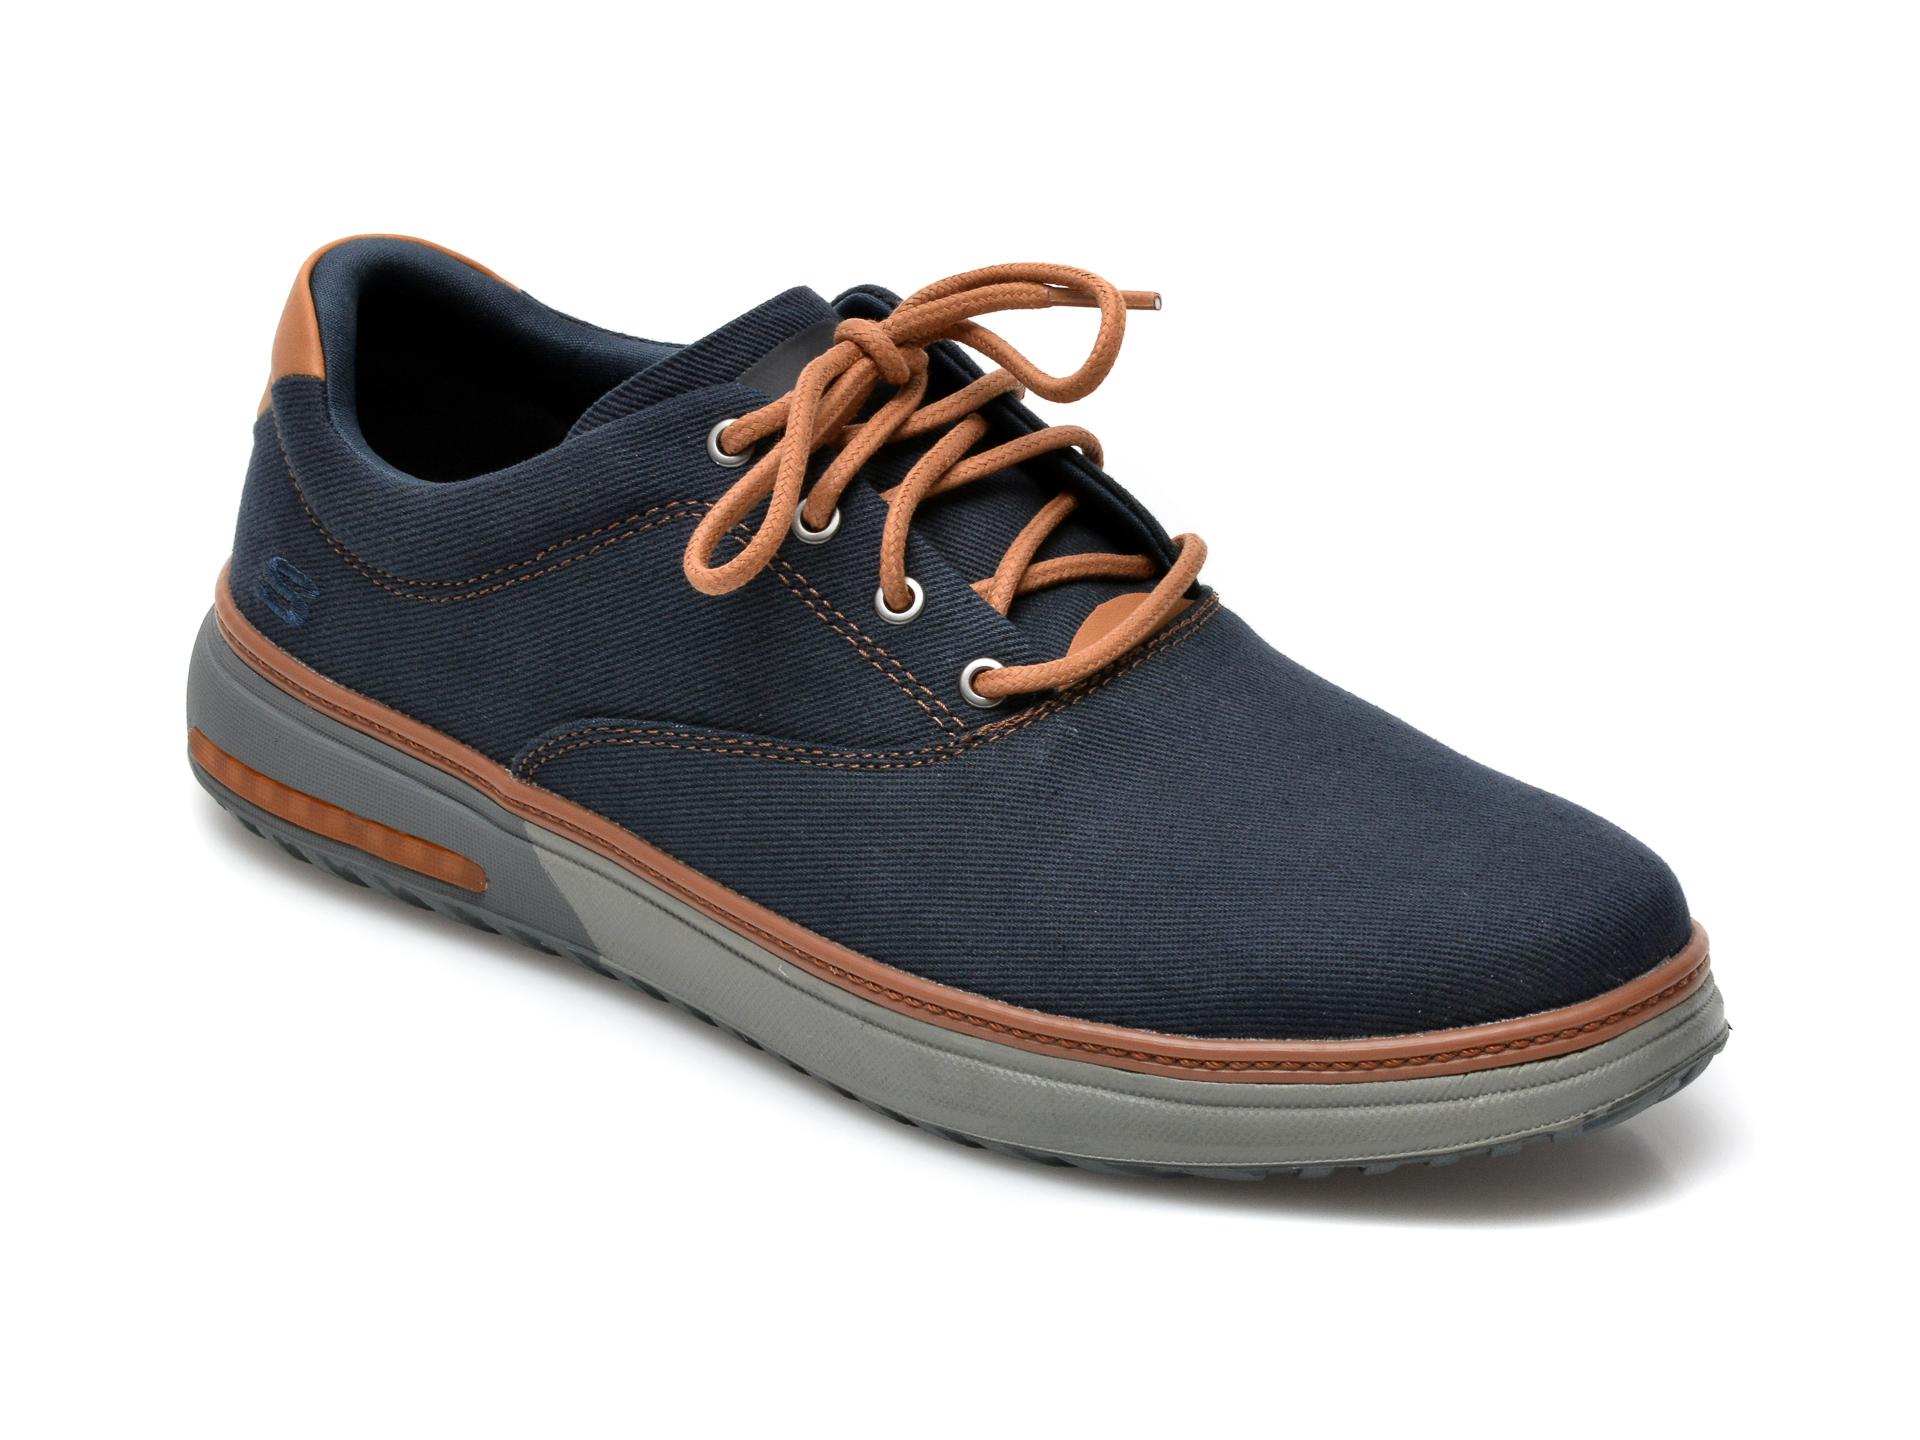 Pantofi SKECHERS bleumarin, Folten Verome, din material textil imagine otter.ro 2021